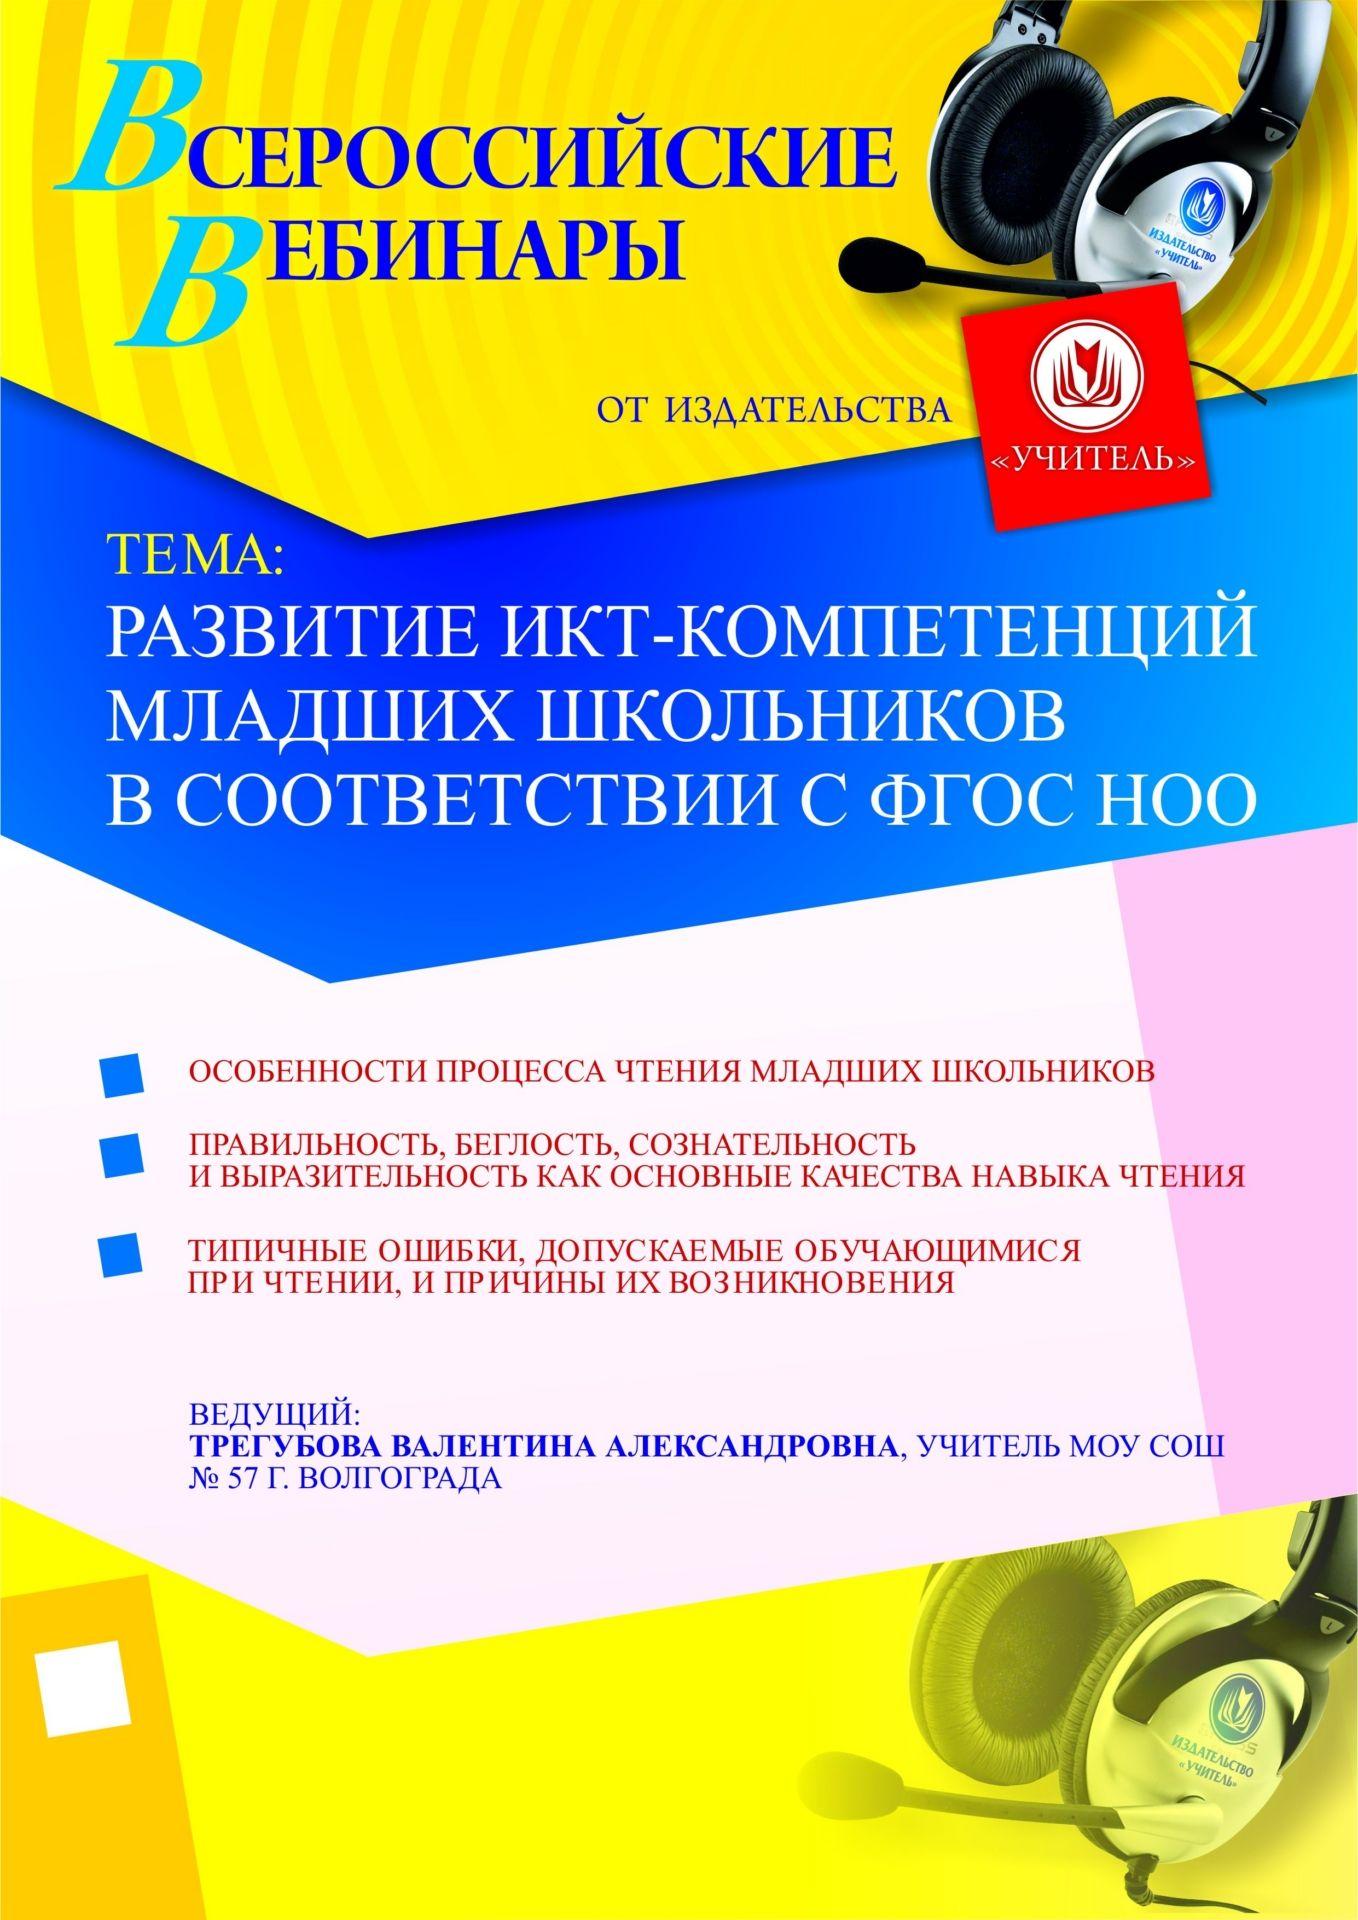 Развитие ИКТ-компетенций младших школьников в соответствии с ФГОС НОО фото